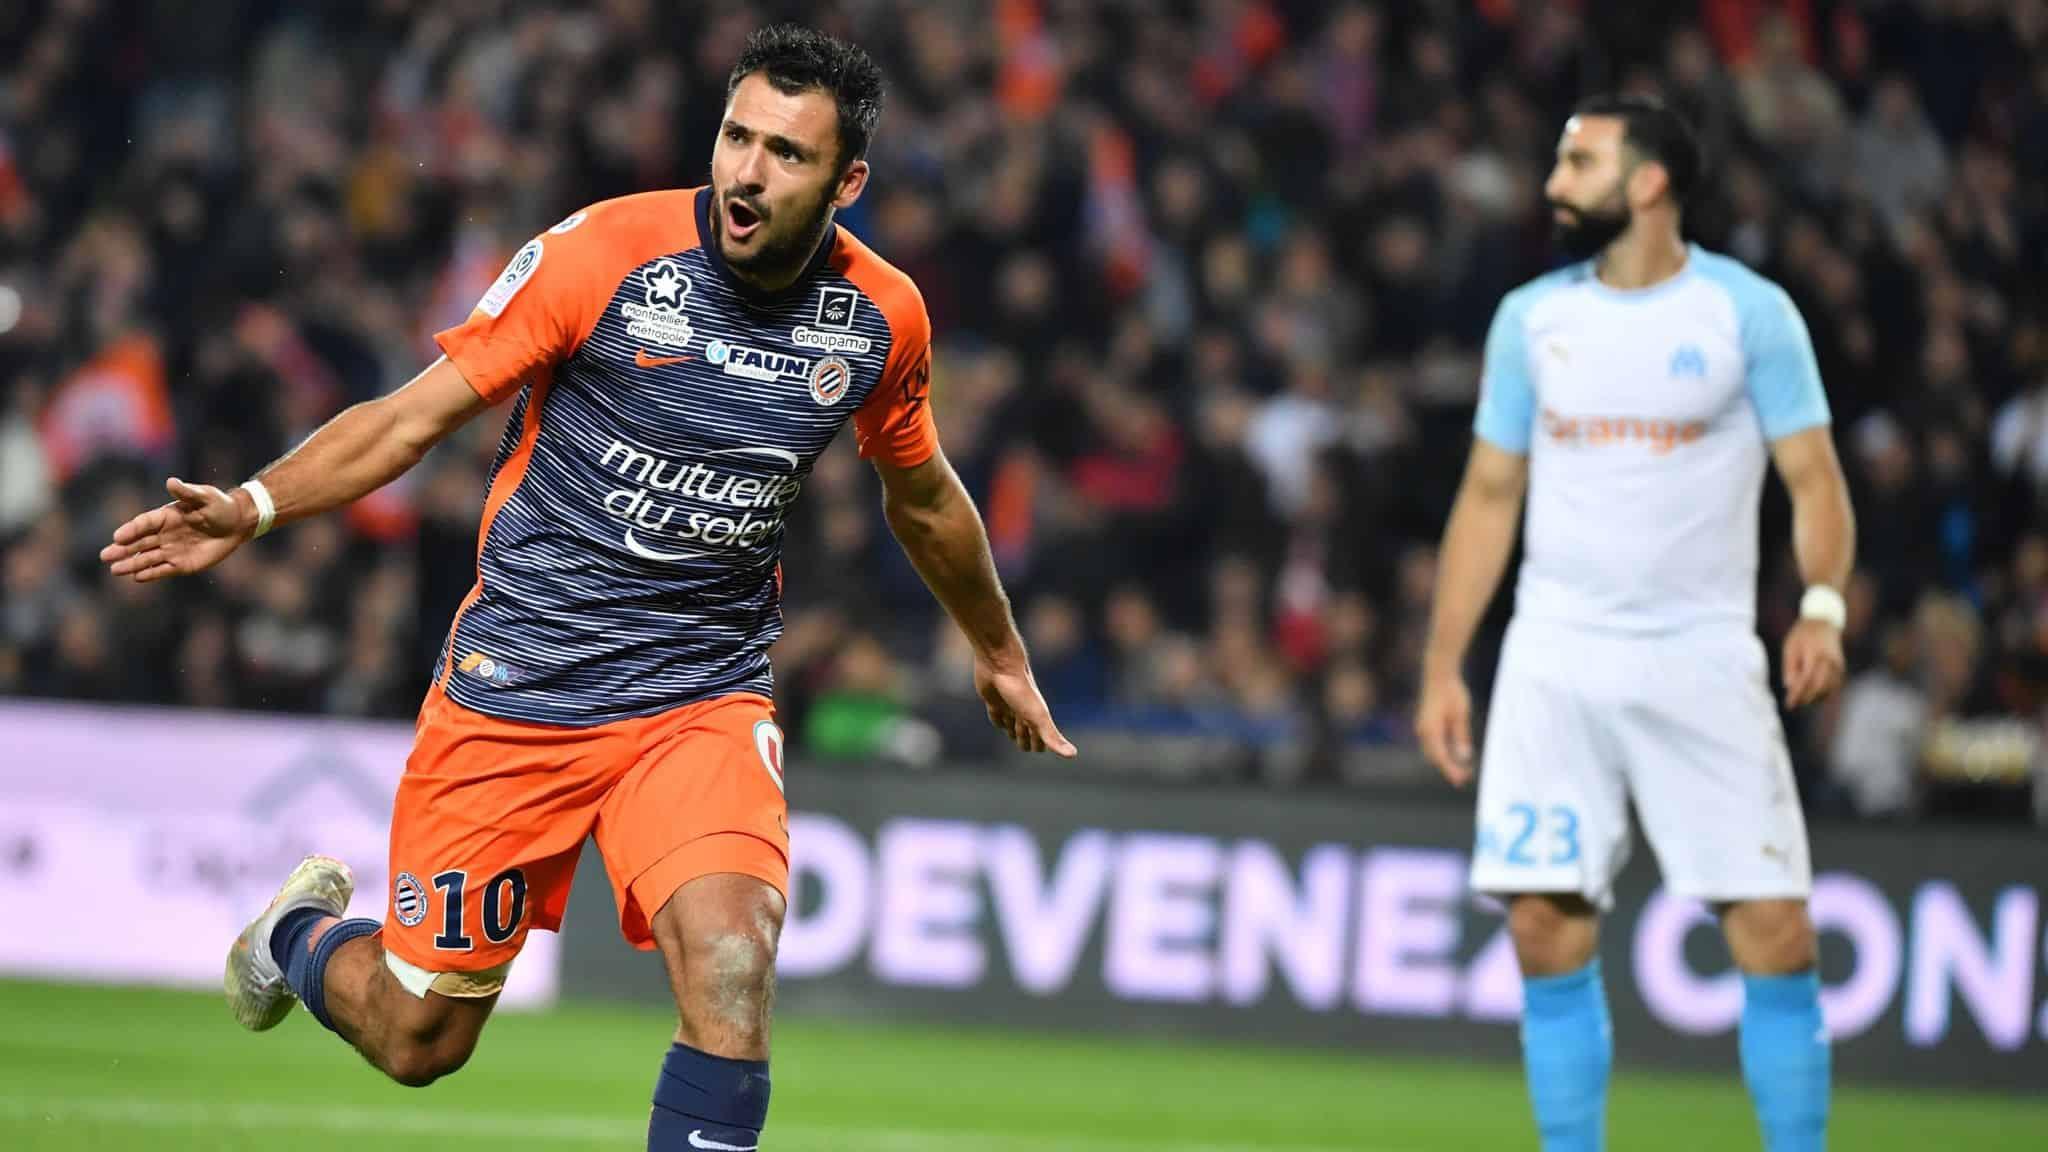 Ponturi pariuri Reims vs Montpellier HSC